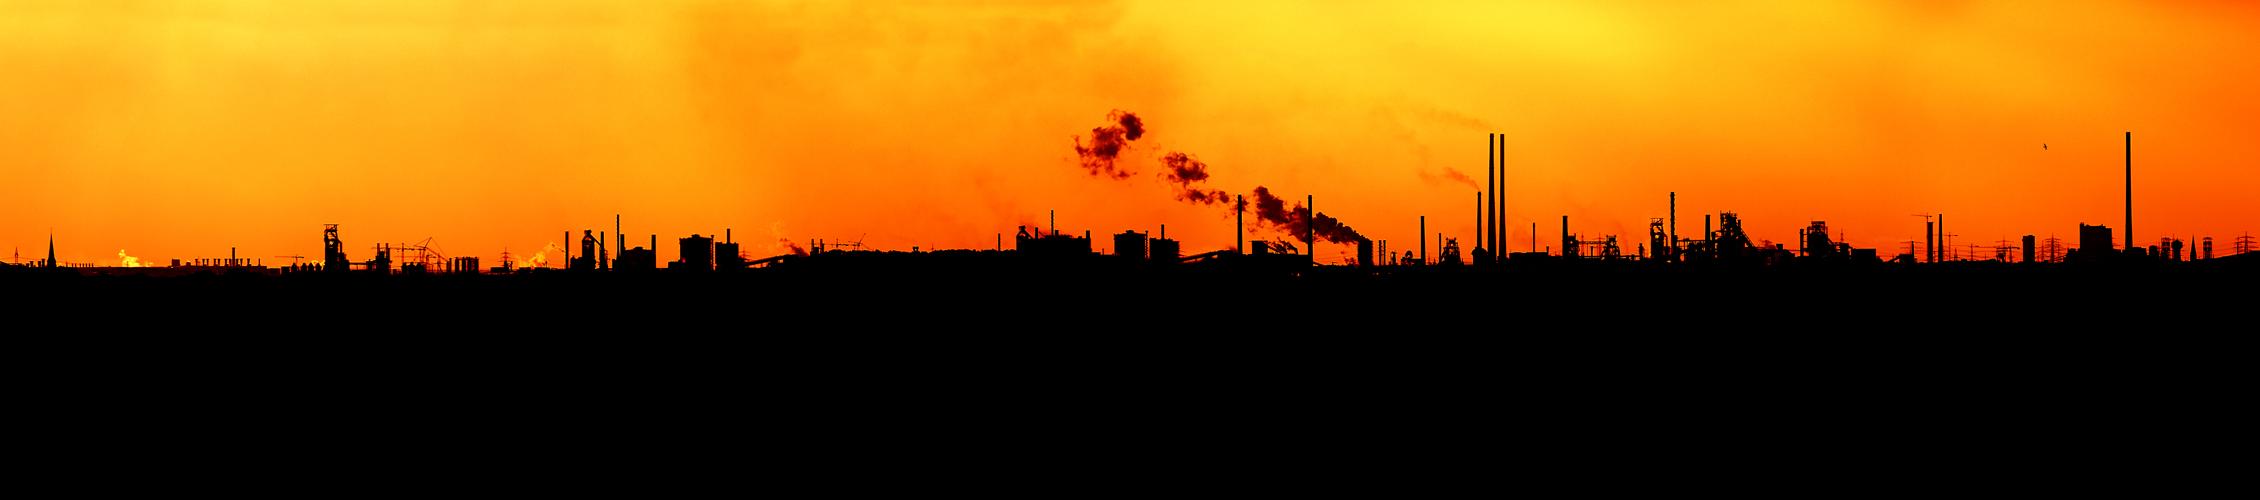 Ruhrgebiet panorama 24db0c2f d34a 40b8 9538 7f6f558934fc